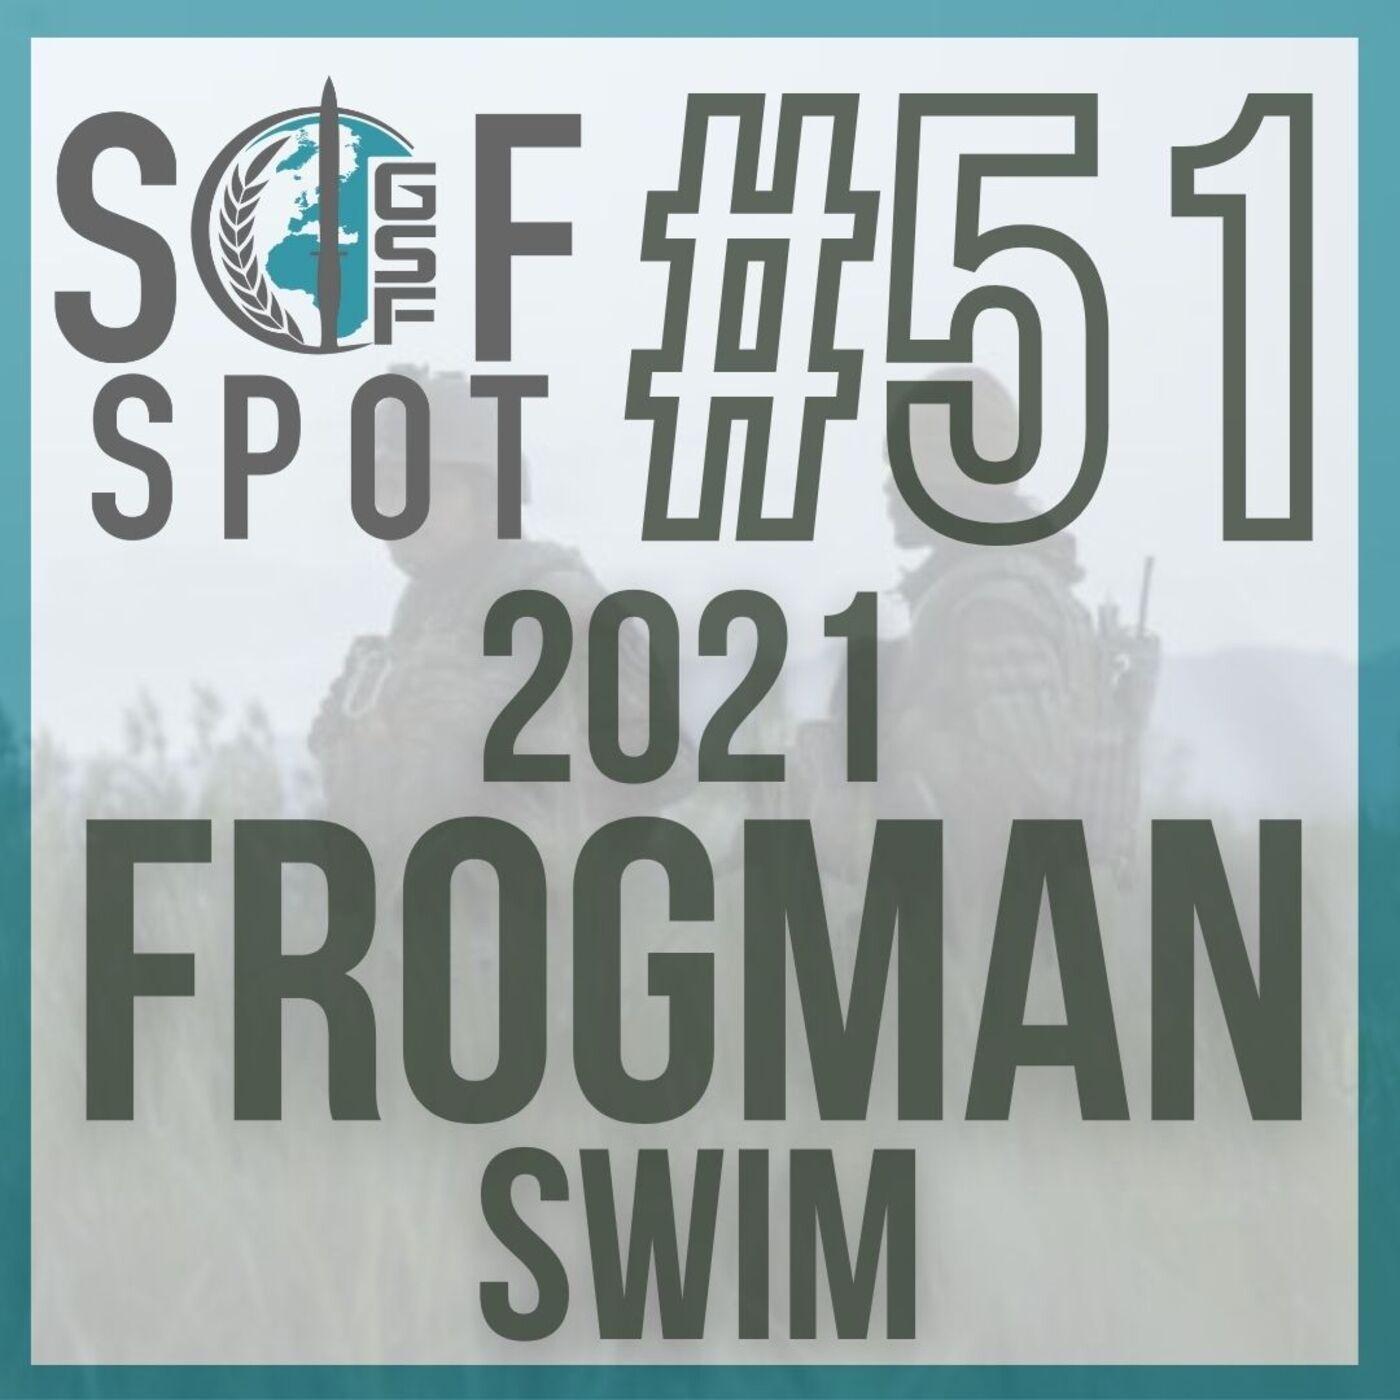 2021 Frogman Swim